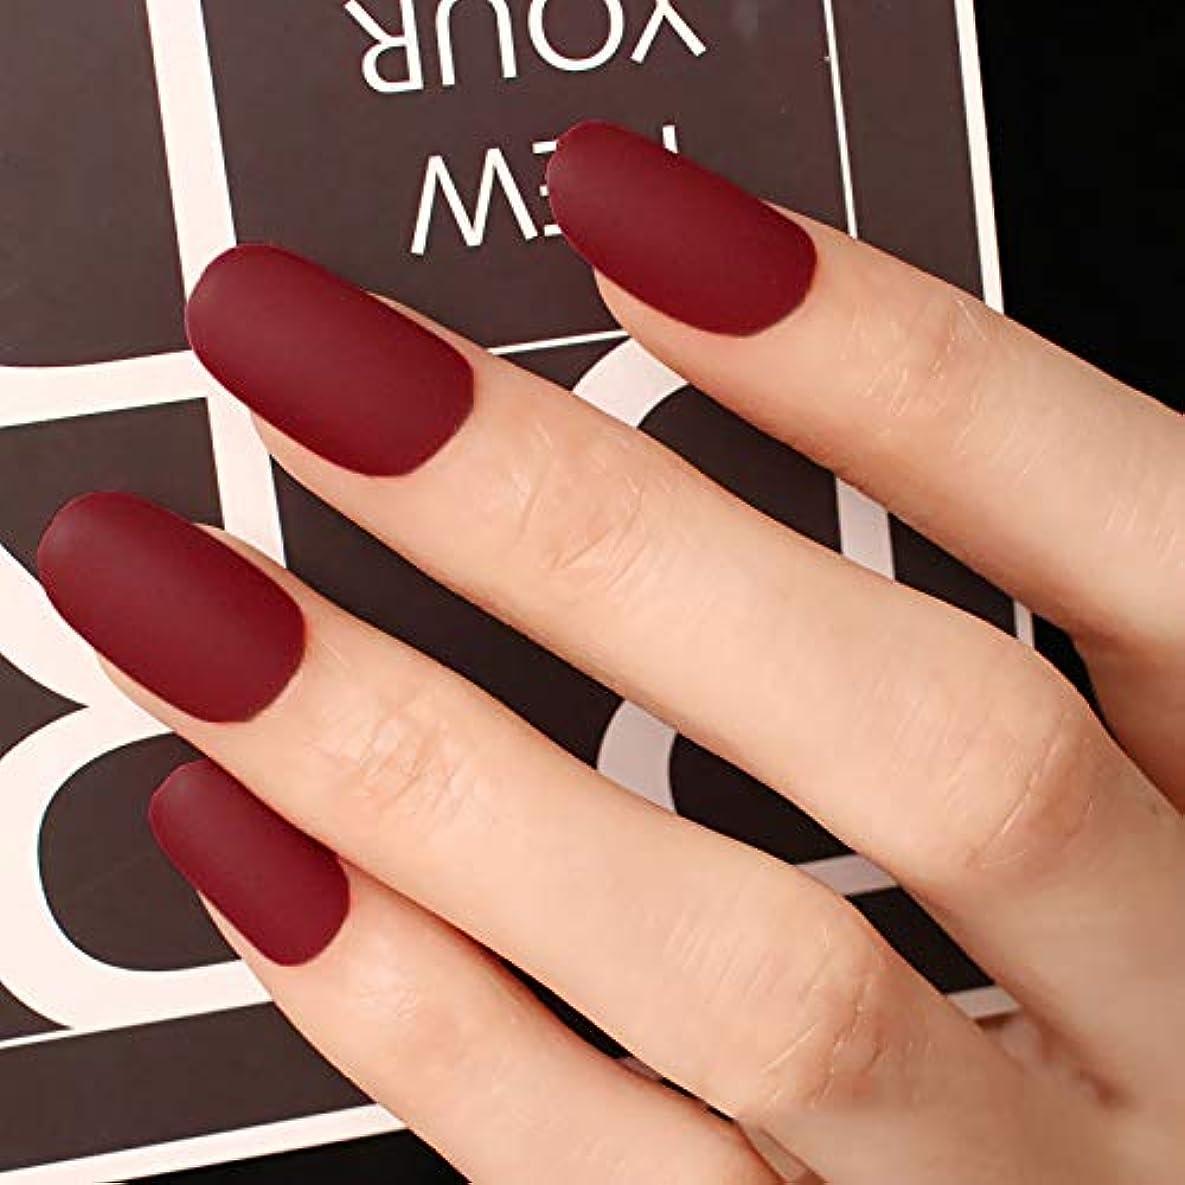 軽減する粘着性対処するYeabay 24pcsレディースDIYうその爪の艶消しの声がかれる光DIYマニキュアをするうその爪の新婦のアップリケ (Dull red)